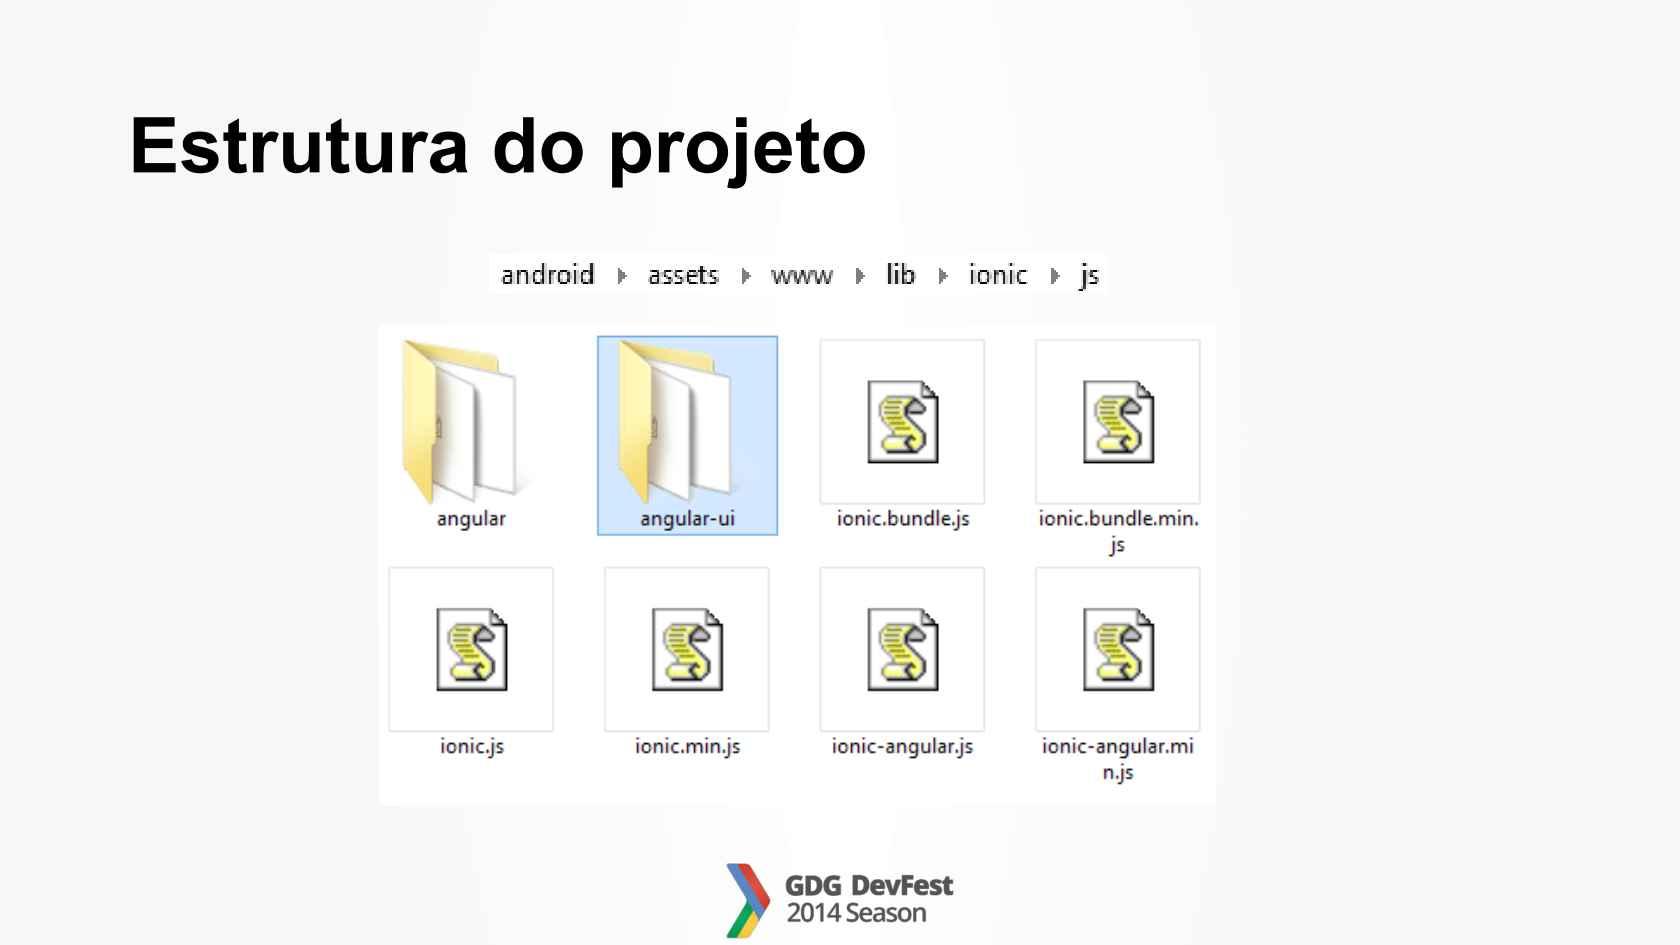 Ionic framework aplicaes mveis hbridas com html5 e angular js sponsored content ccuart Image collections